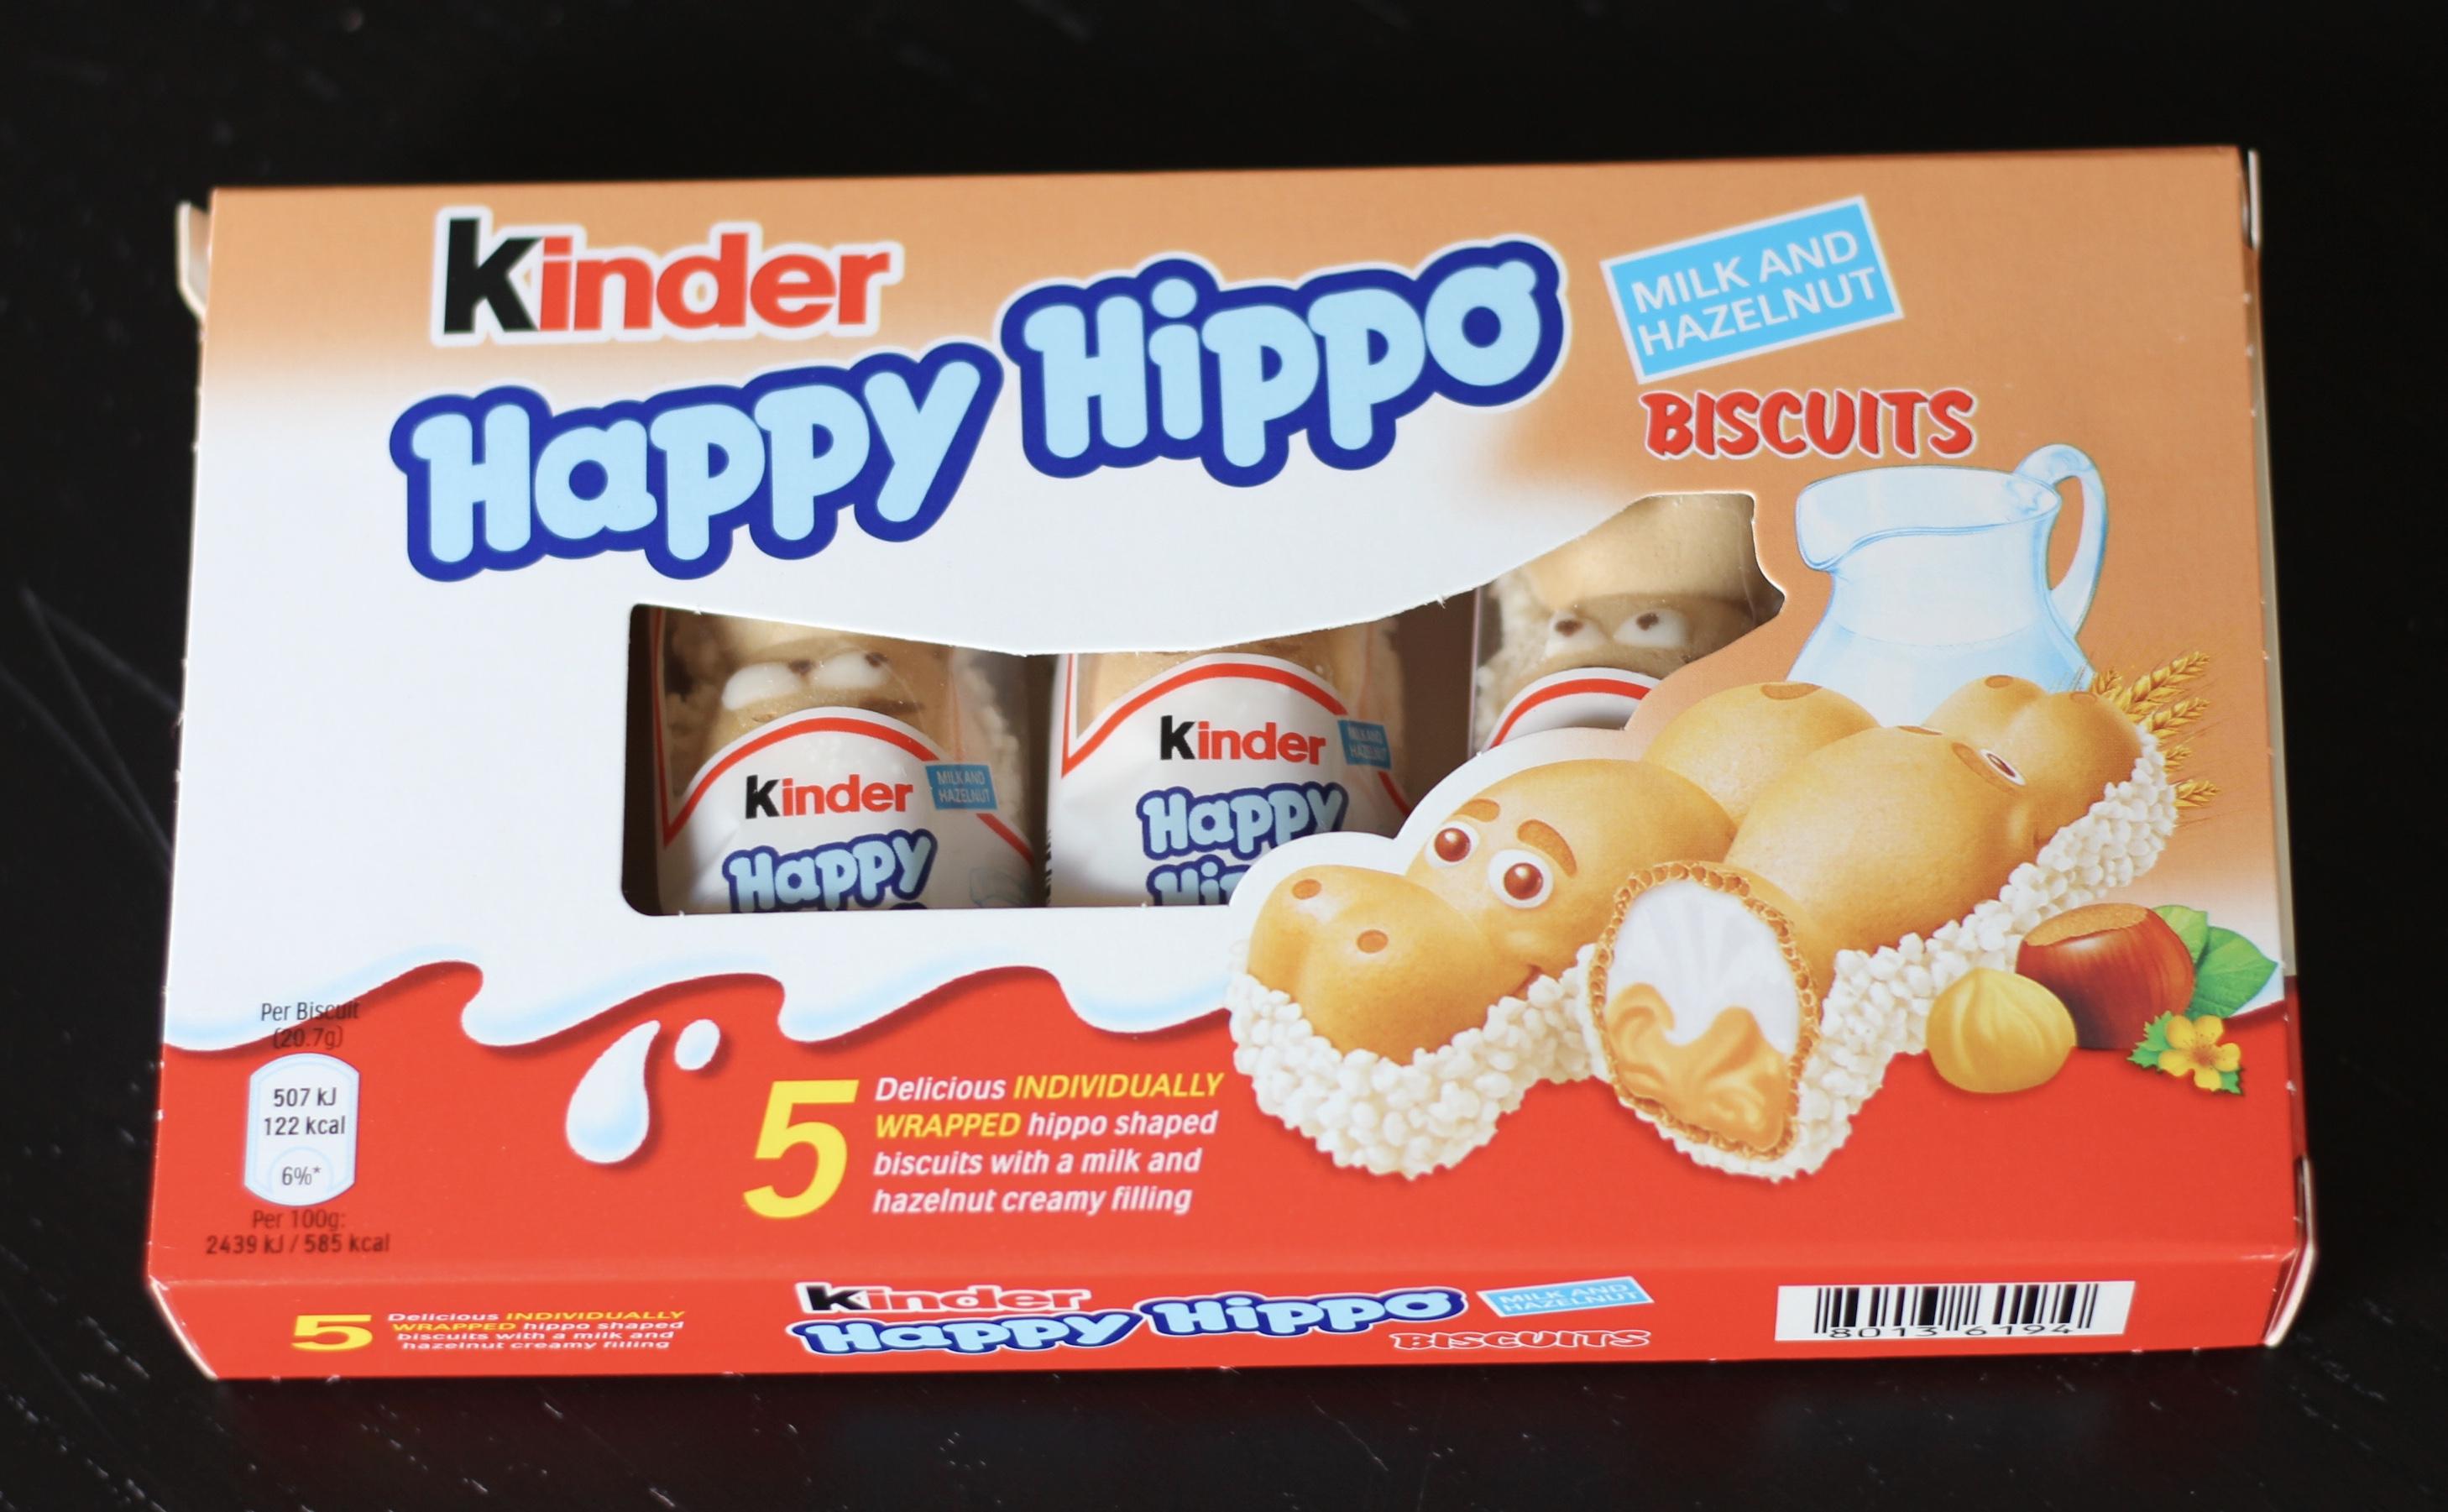 Happy hippo coupon code